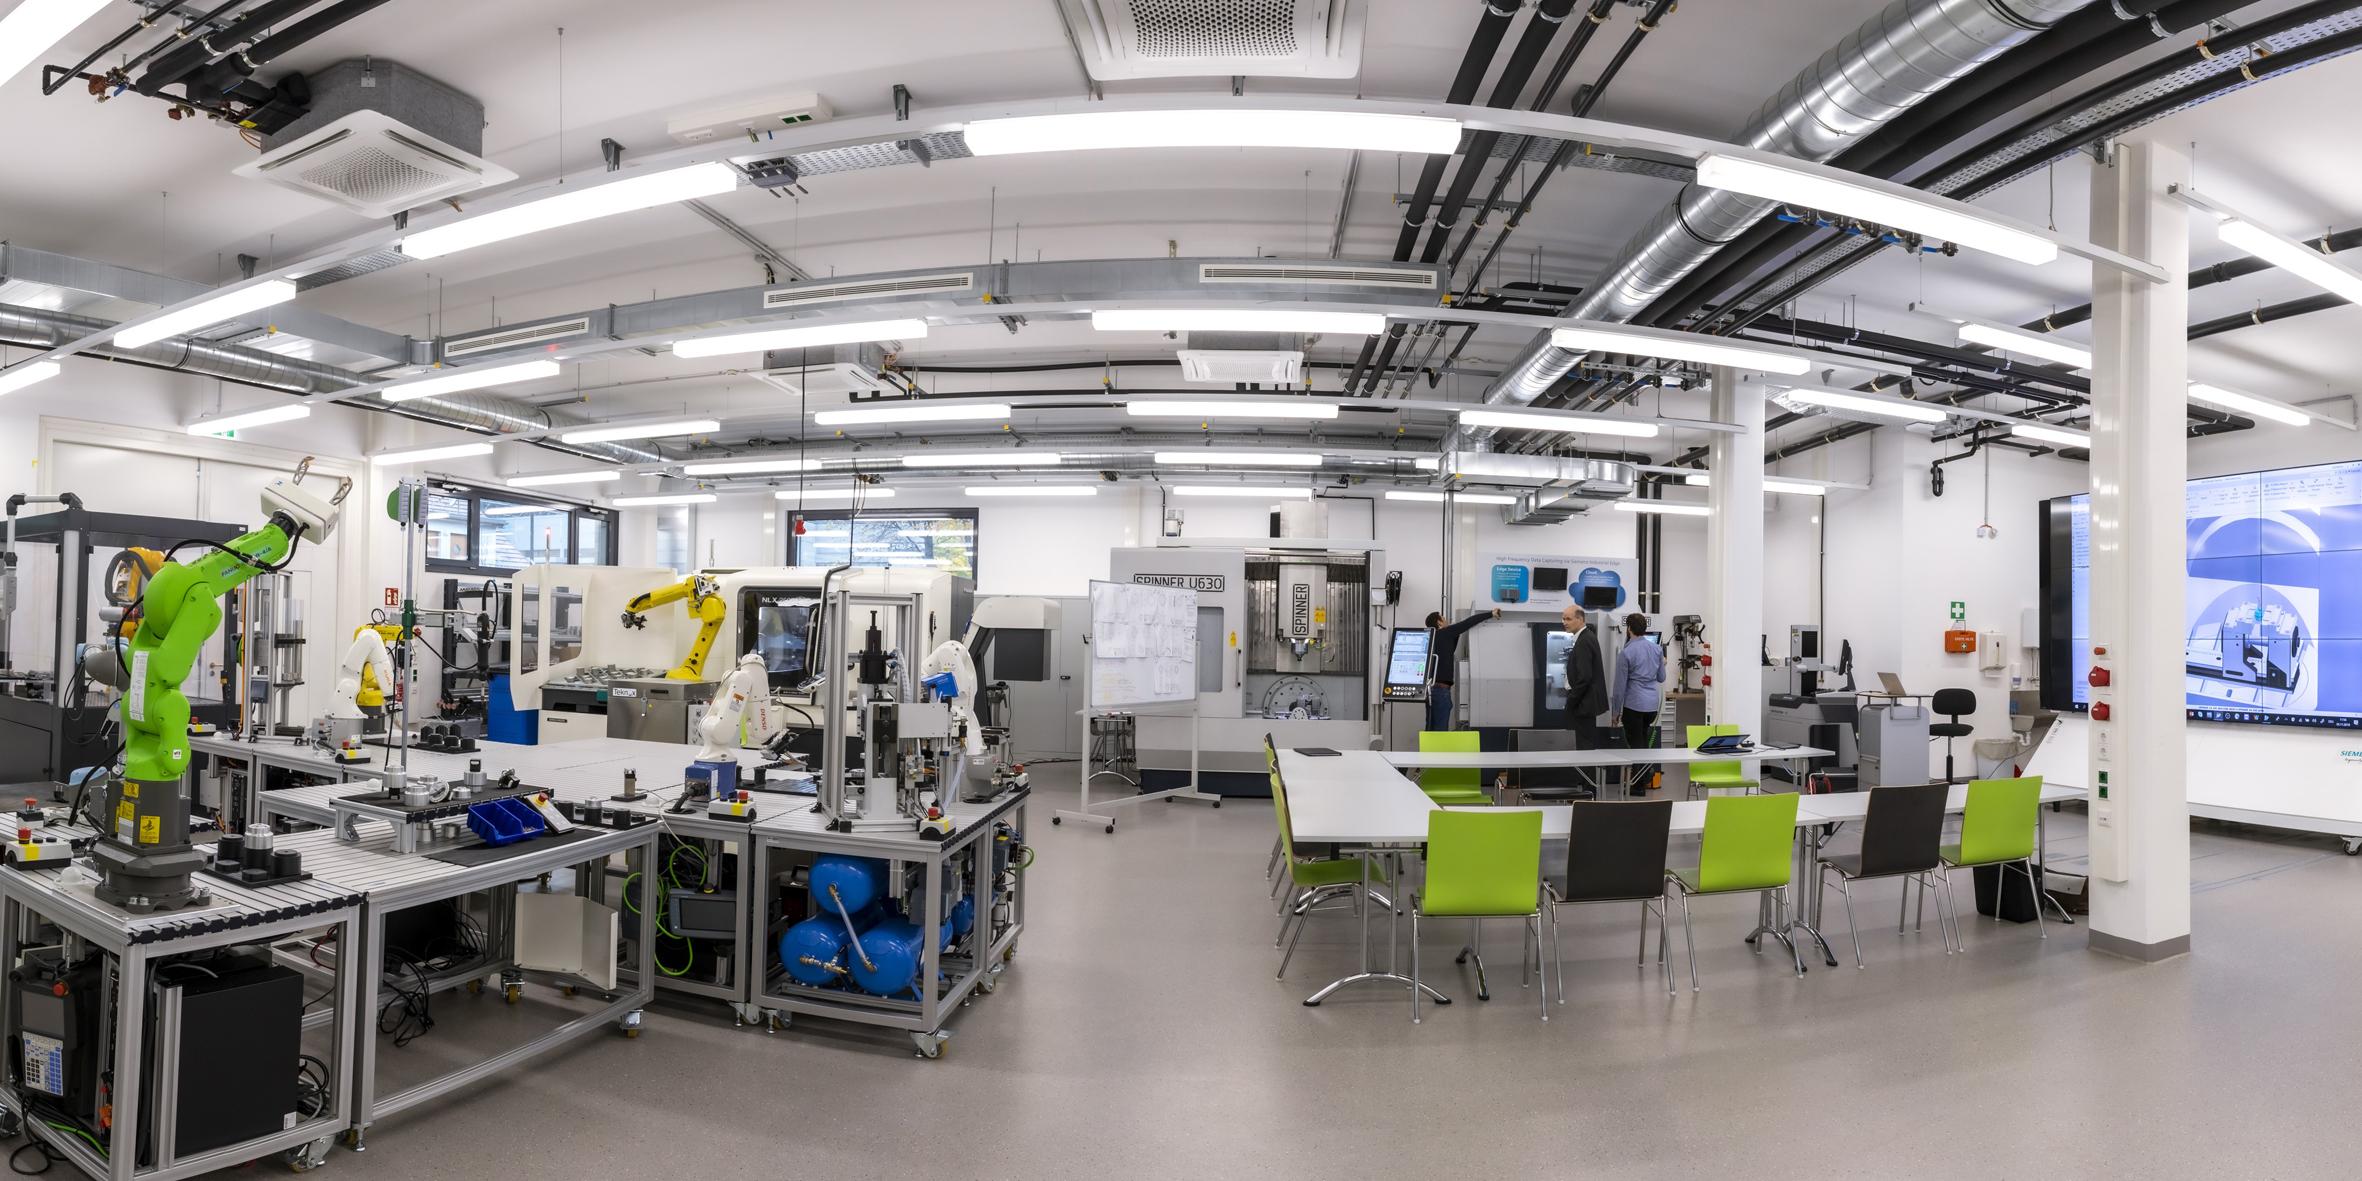 smartfactory@tugraz startet den Vollbetrieb mit 5G Campus-Netzwerk von Magenta Telekom